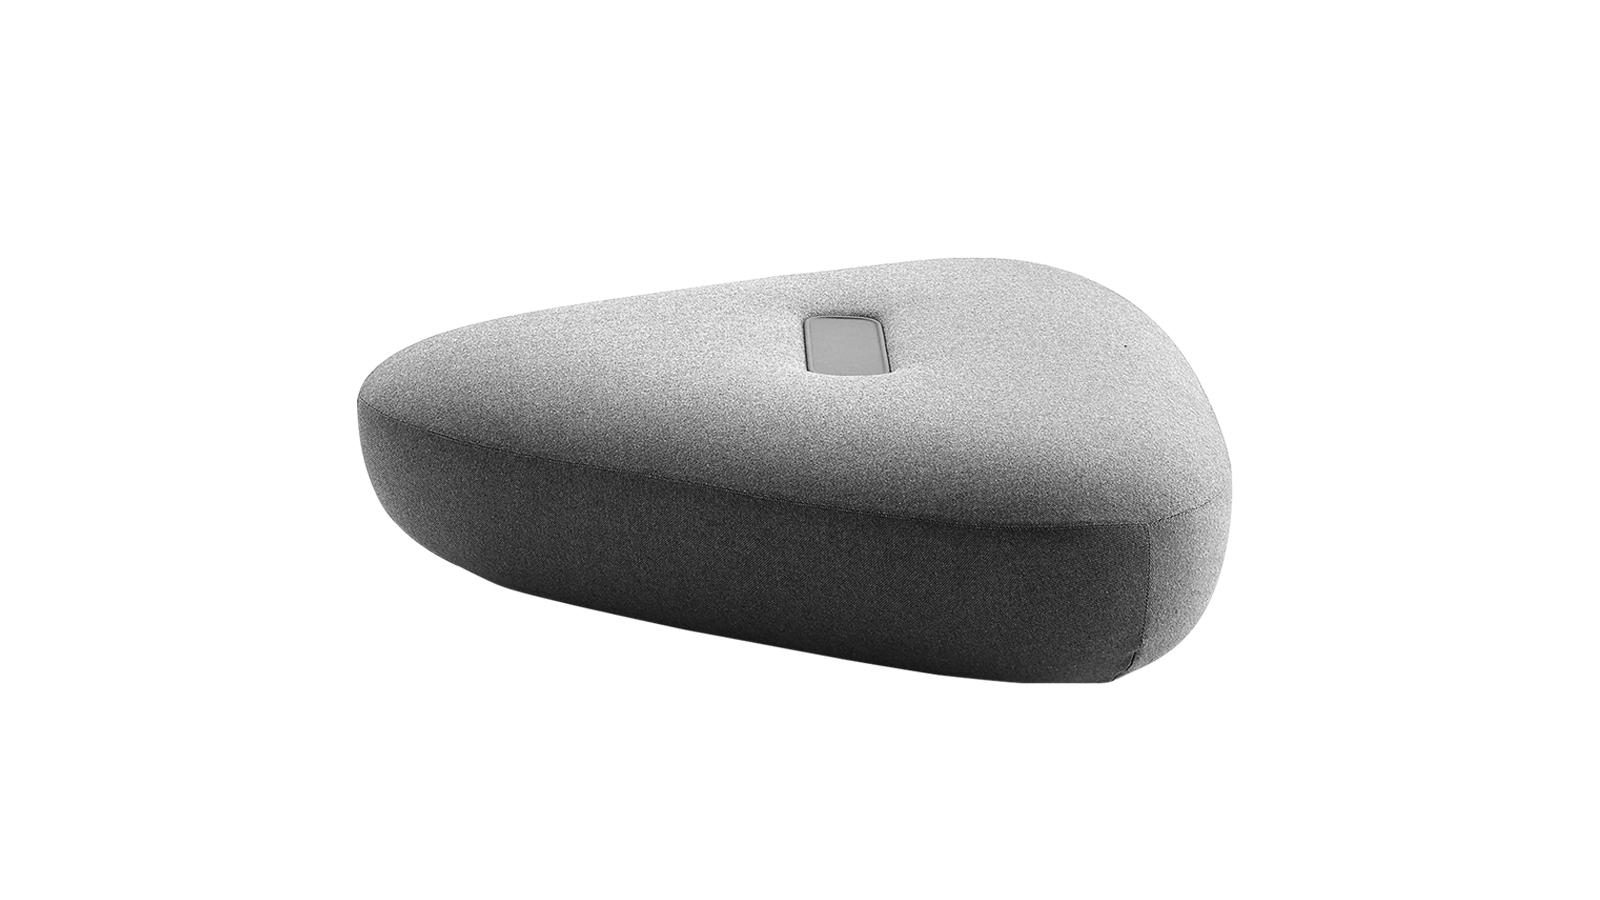 Dekoráció és funkció, érzékiség és high-tech: a Tabour bútorok tele vannak ellentétekkel. A Doshi-Levien designduó által megalkotott darabok egyszerre dekoratív objektek és funkcionális, például asztalként vagy ülőfelületként is használható bútorok, melyek hatalmas kavicsokra emlékeztető formáját gigantikus bőr 'gombok' díszítik.